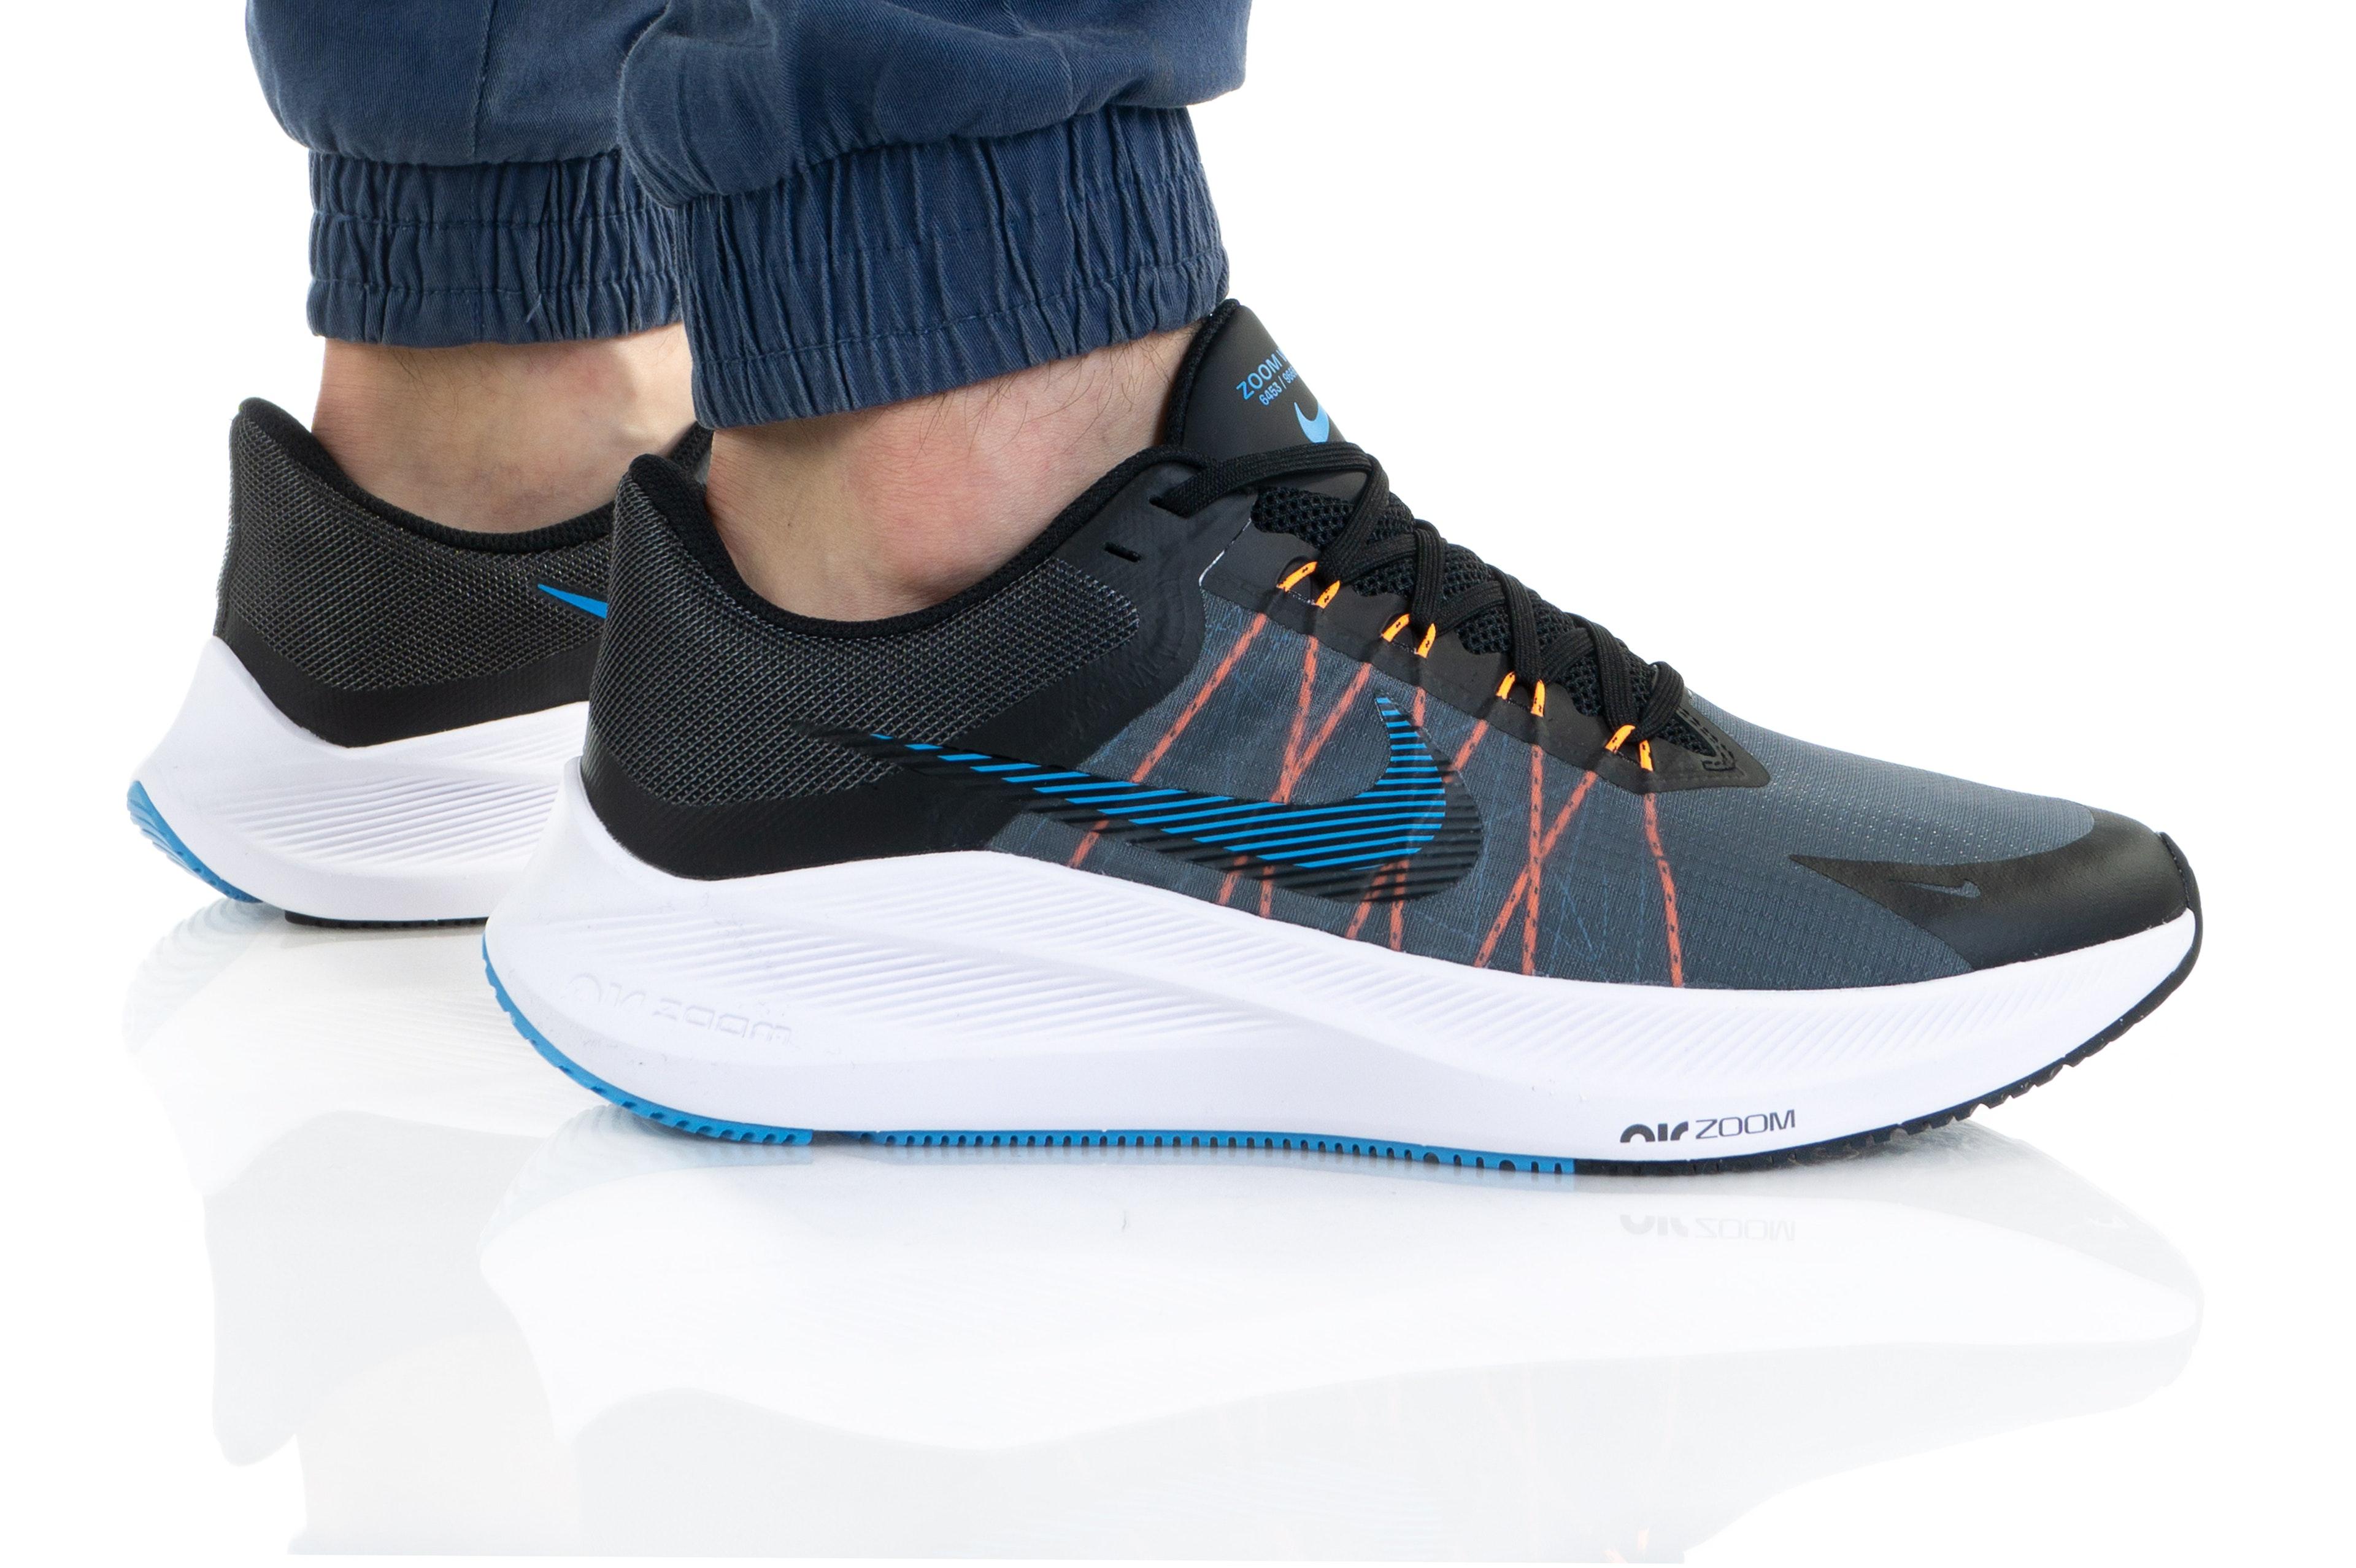 Nike WINFLO 8 CW3419-007